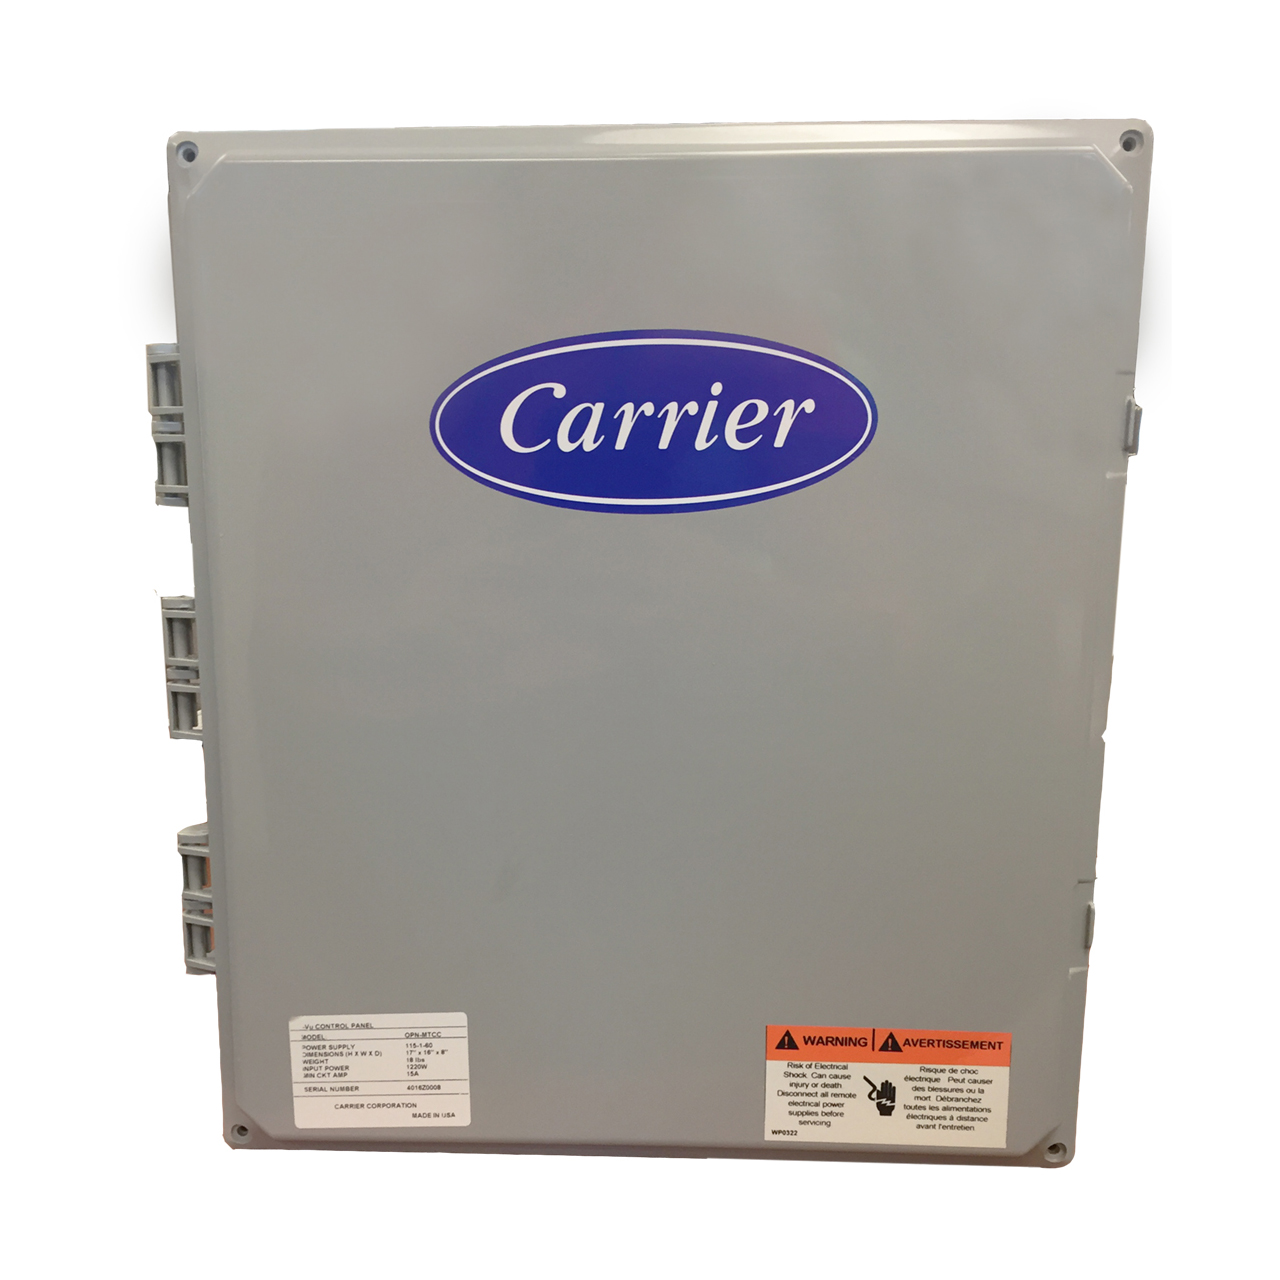 carrier-opn-mtcc-ivu-interface